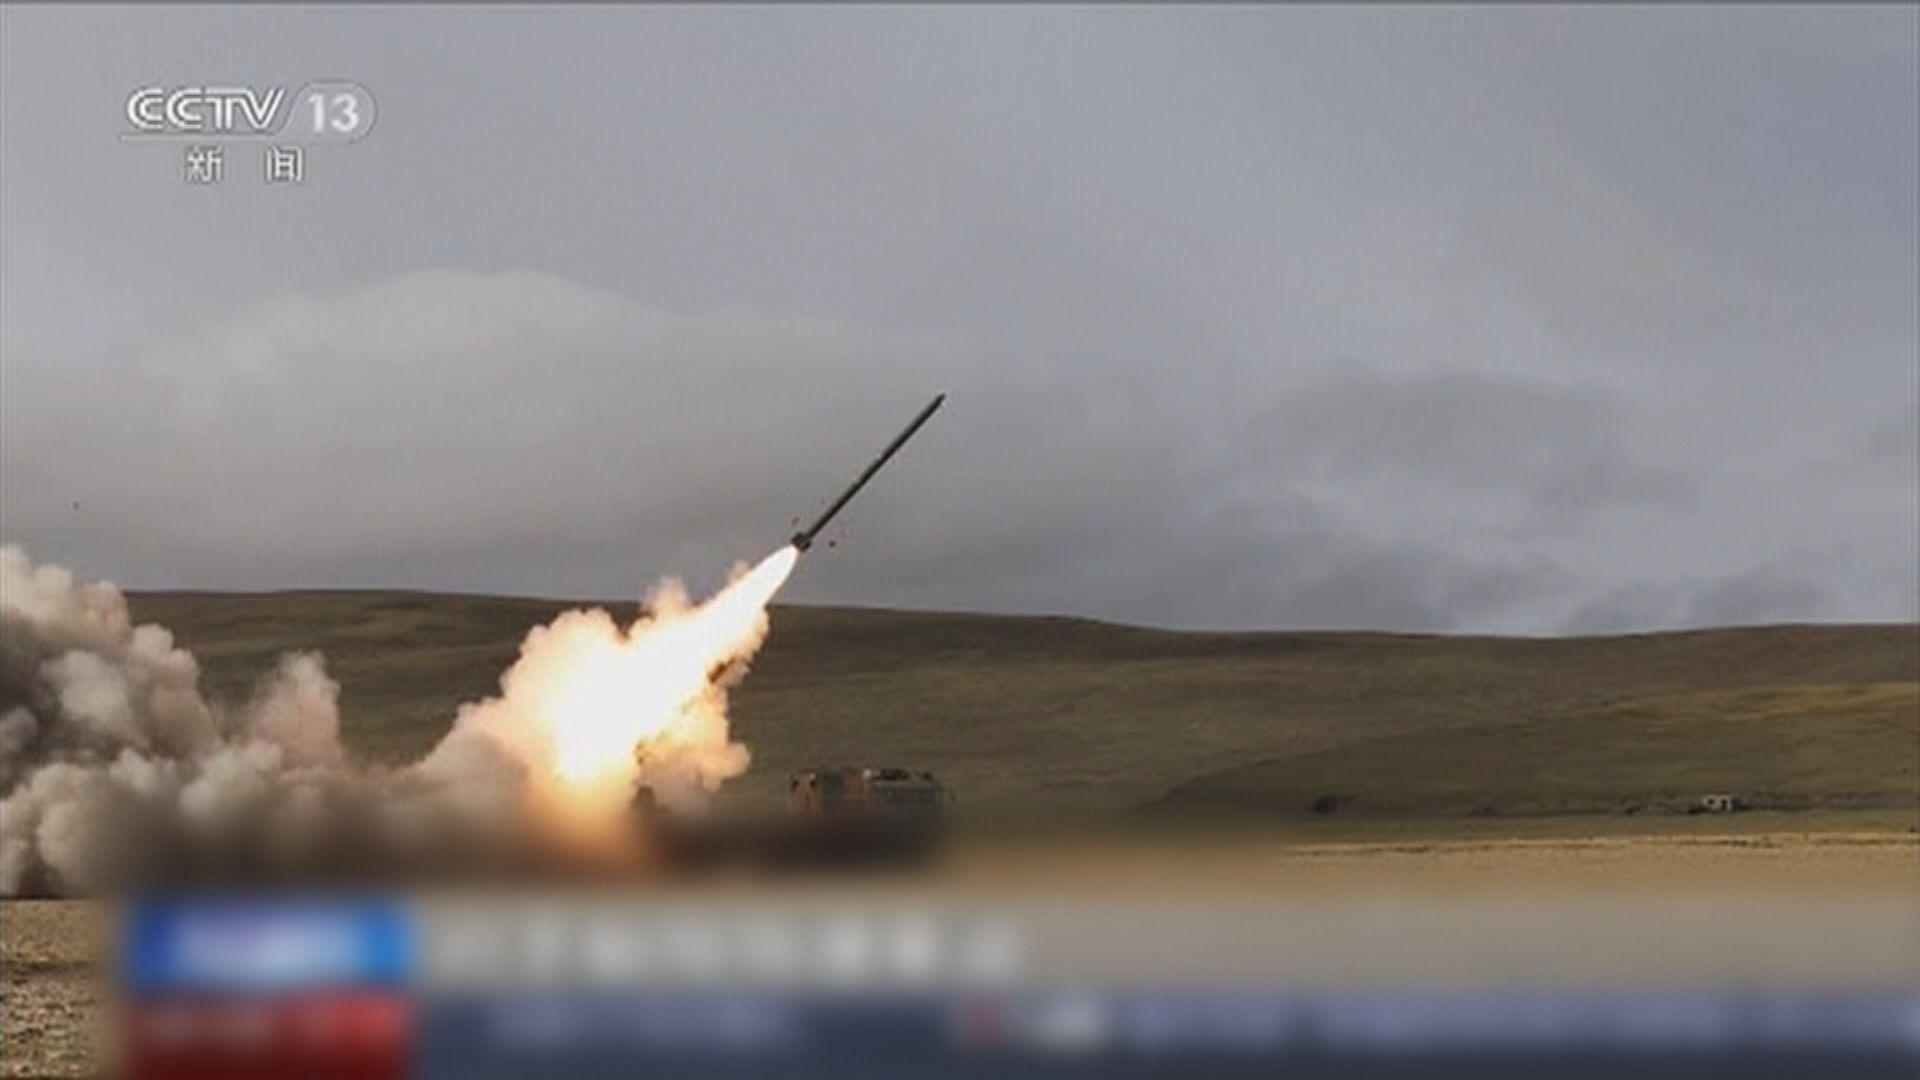 中印邊境關係持續緊張 解放軍部隊西藏高原射擊演練